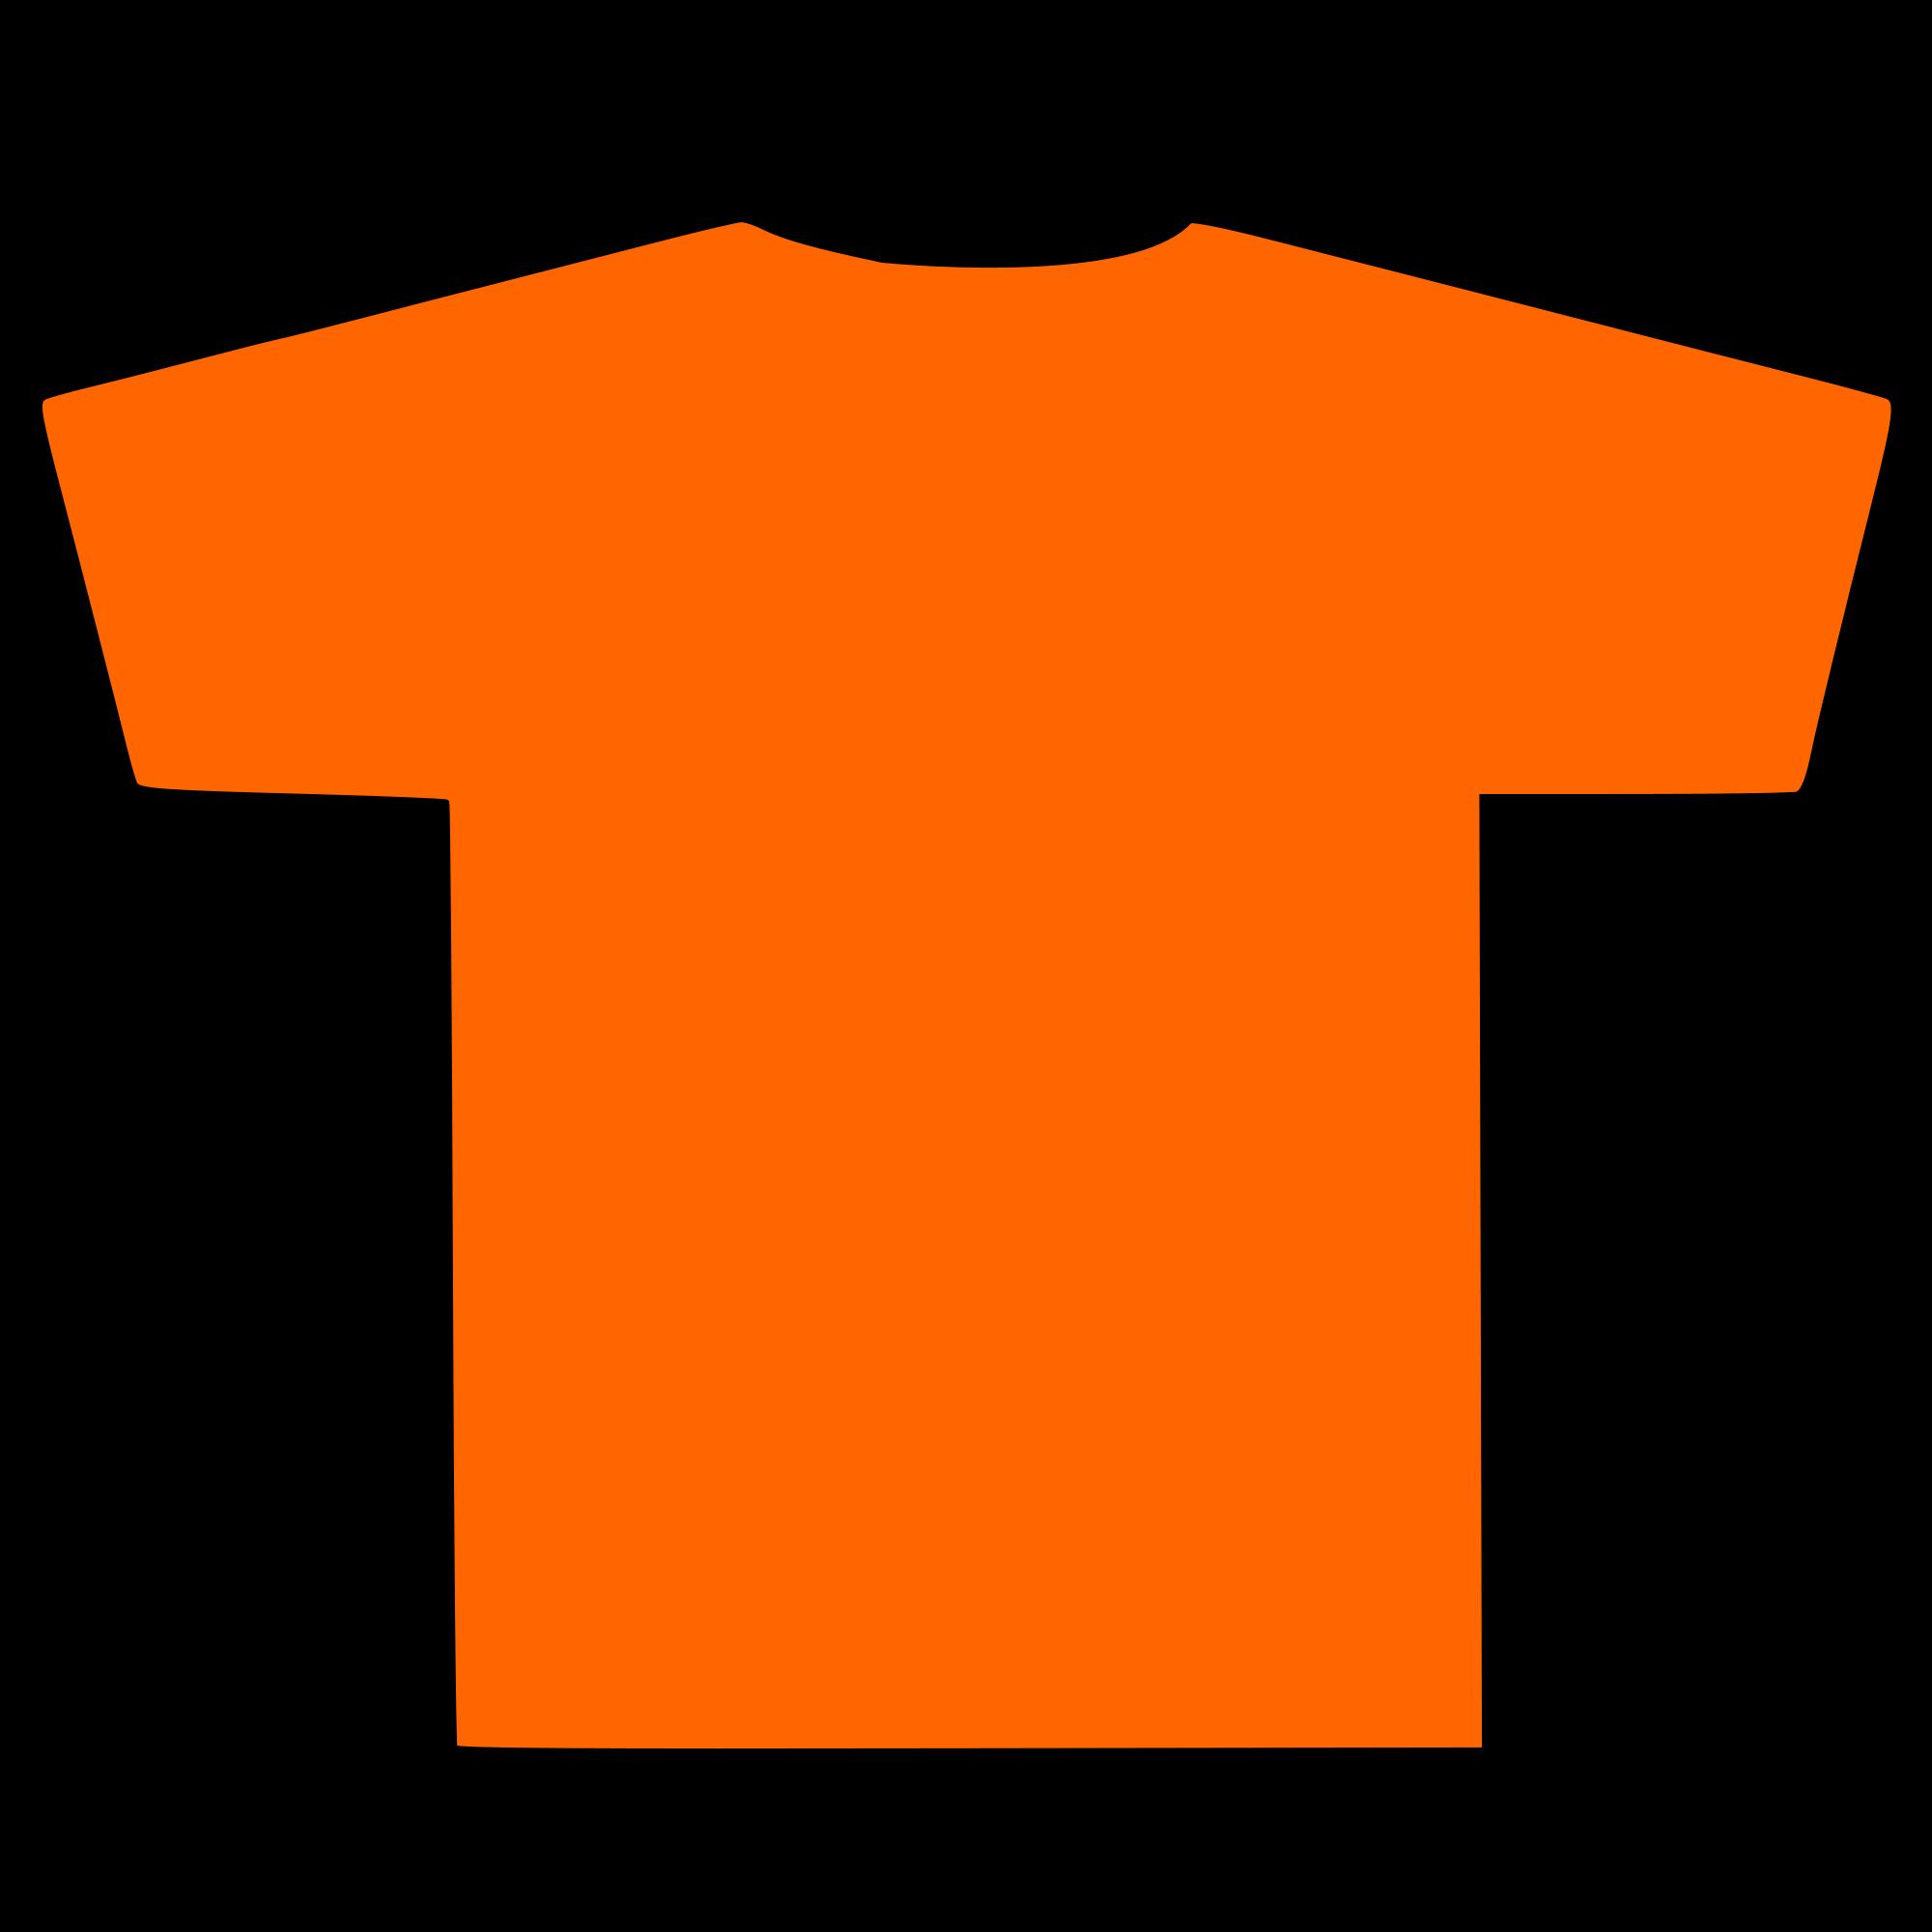 clip art stock Shirts vector silhouette. T shirt clip art